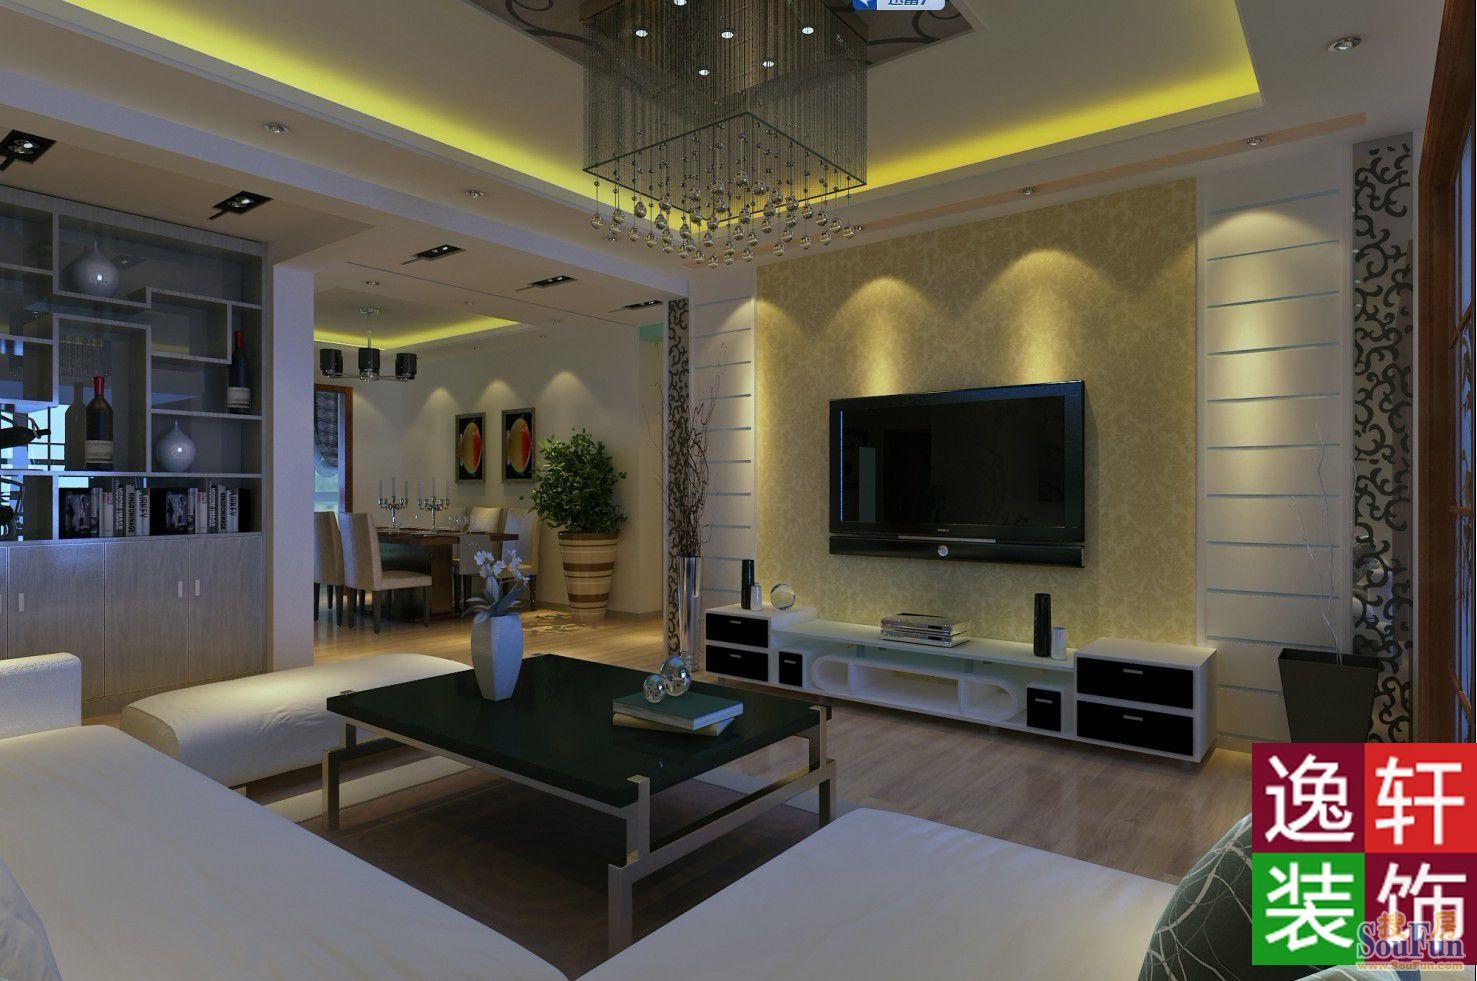 现代简约三居室120.5平米3万 忠诚香槟郡装修案例 石家庄房天下家居装修网